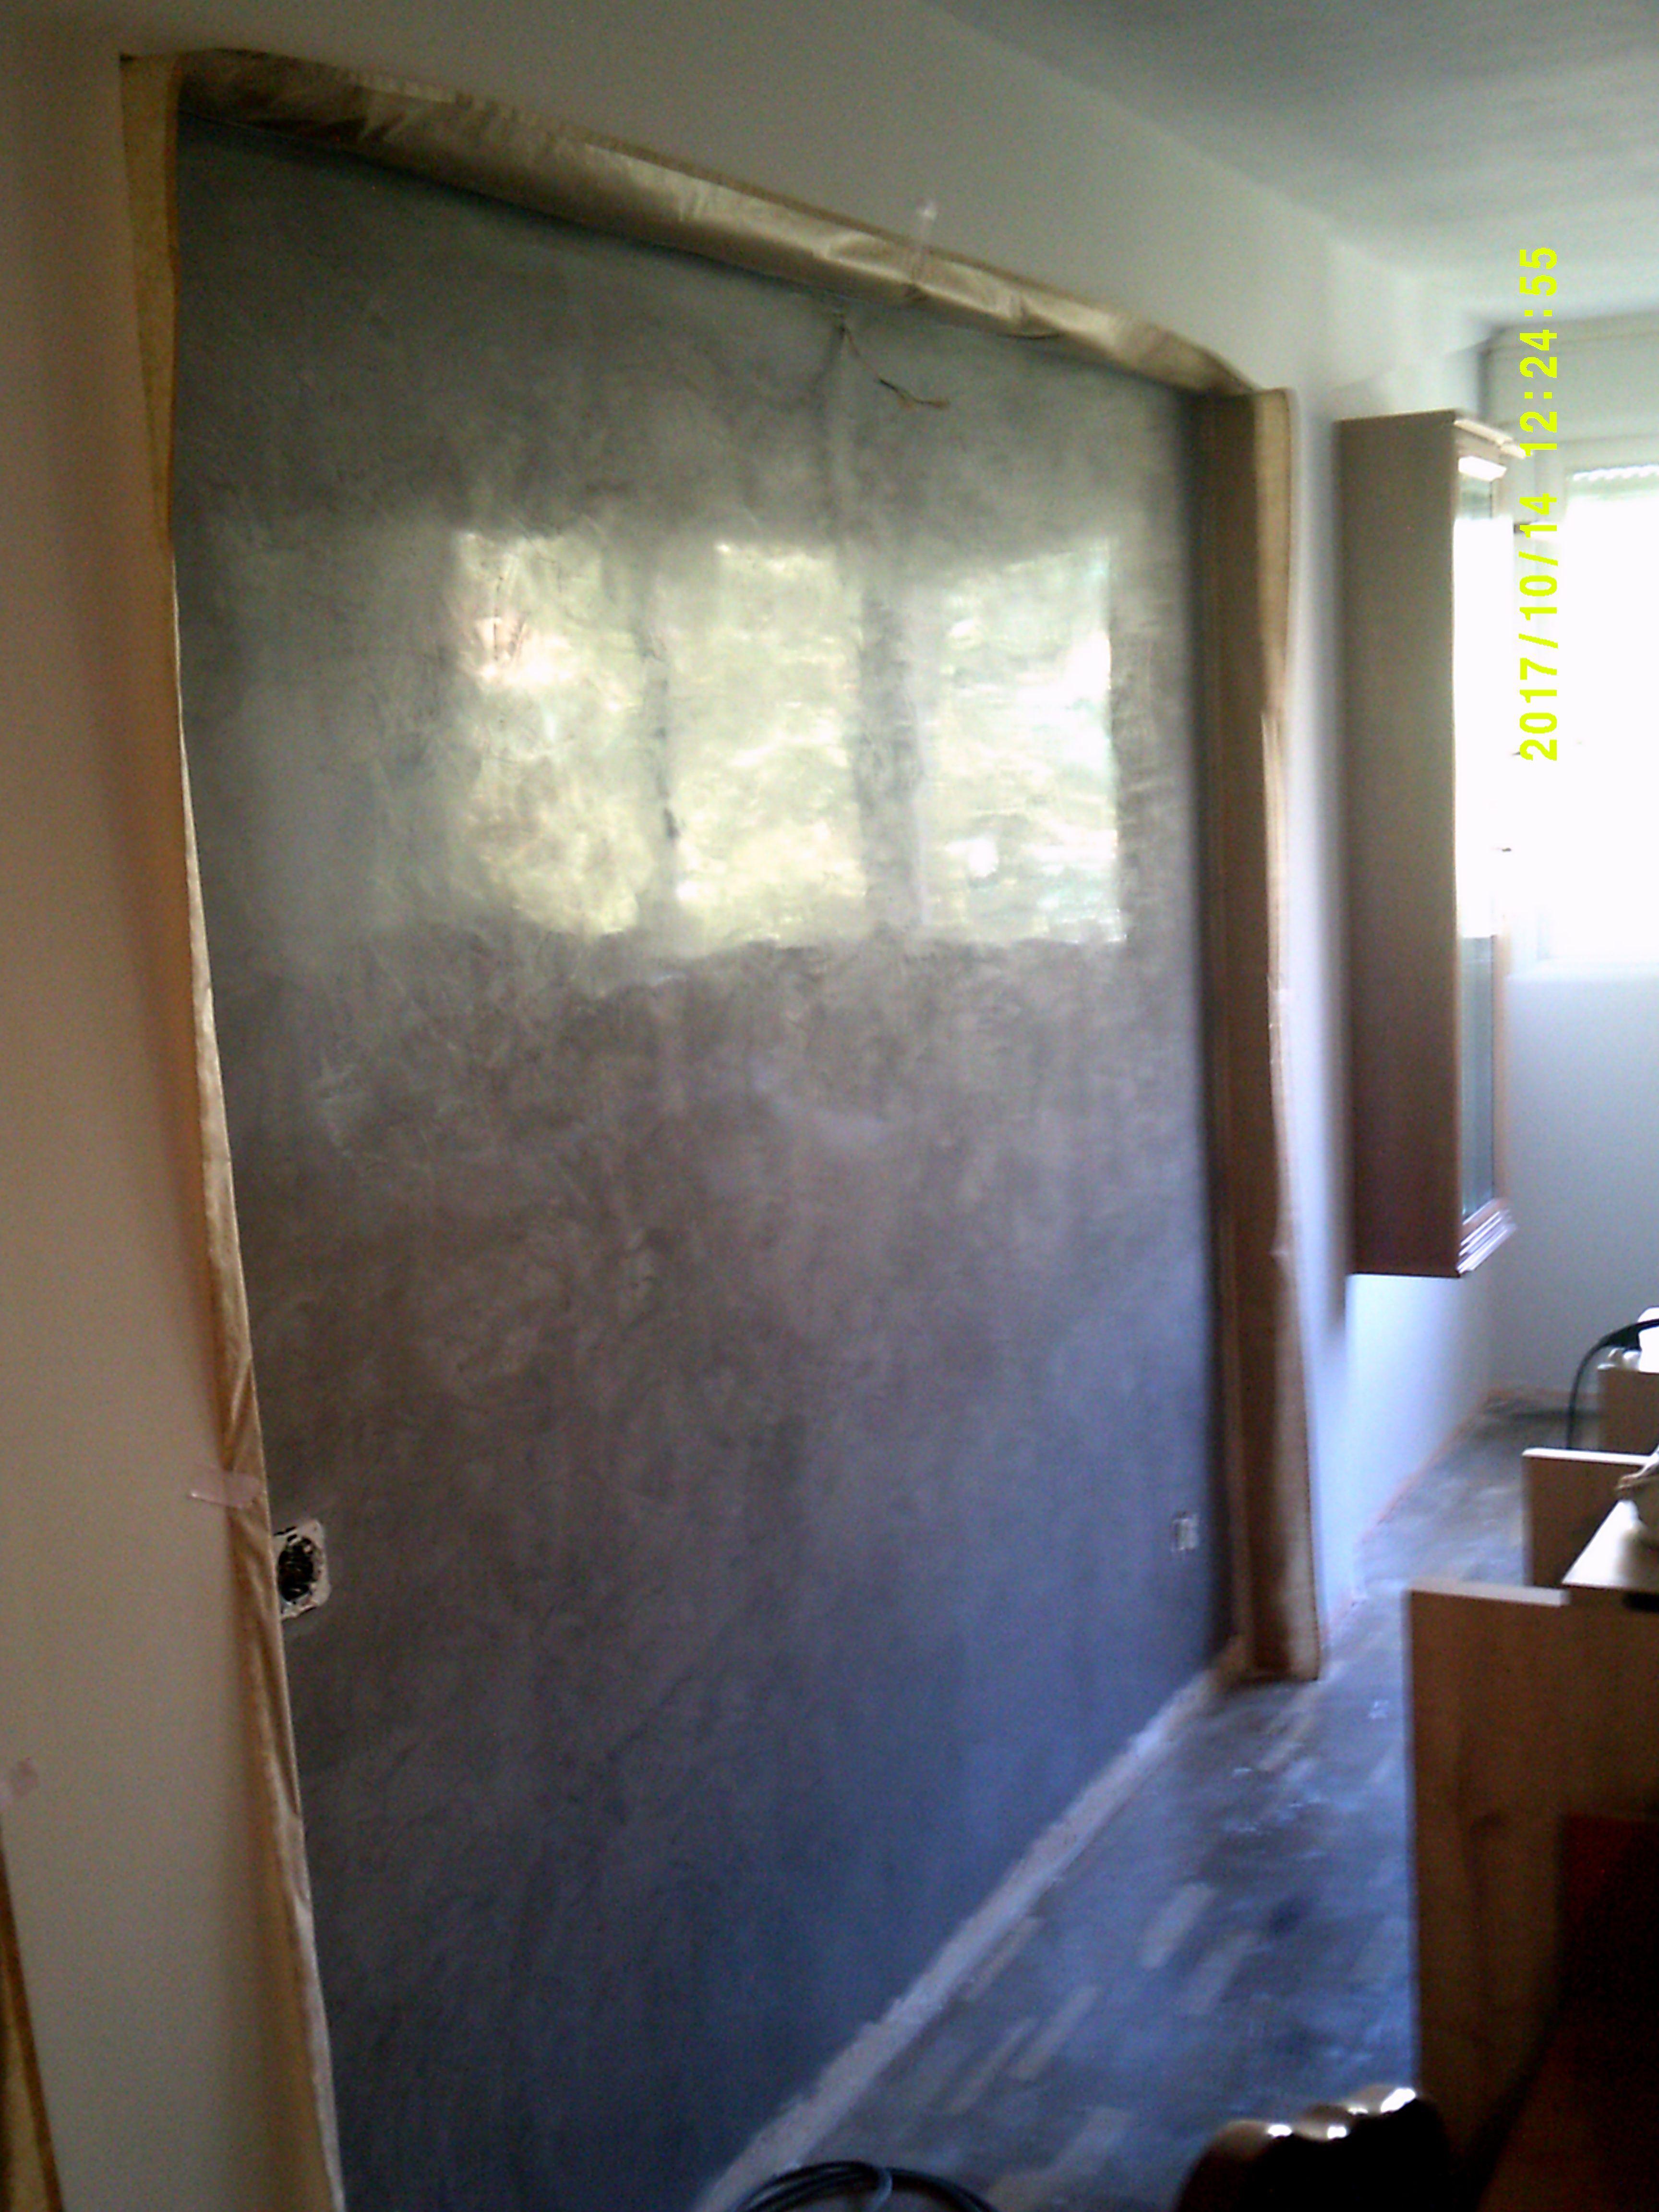 Pintores en leganes instalacion de veloglas en techos - Pintores en leganes ...